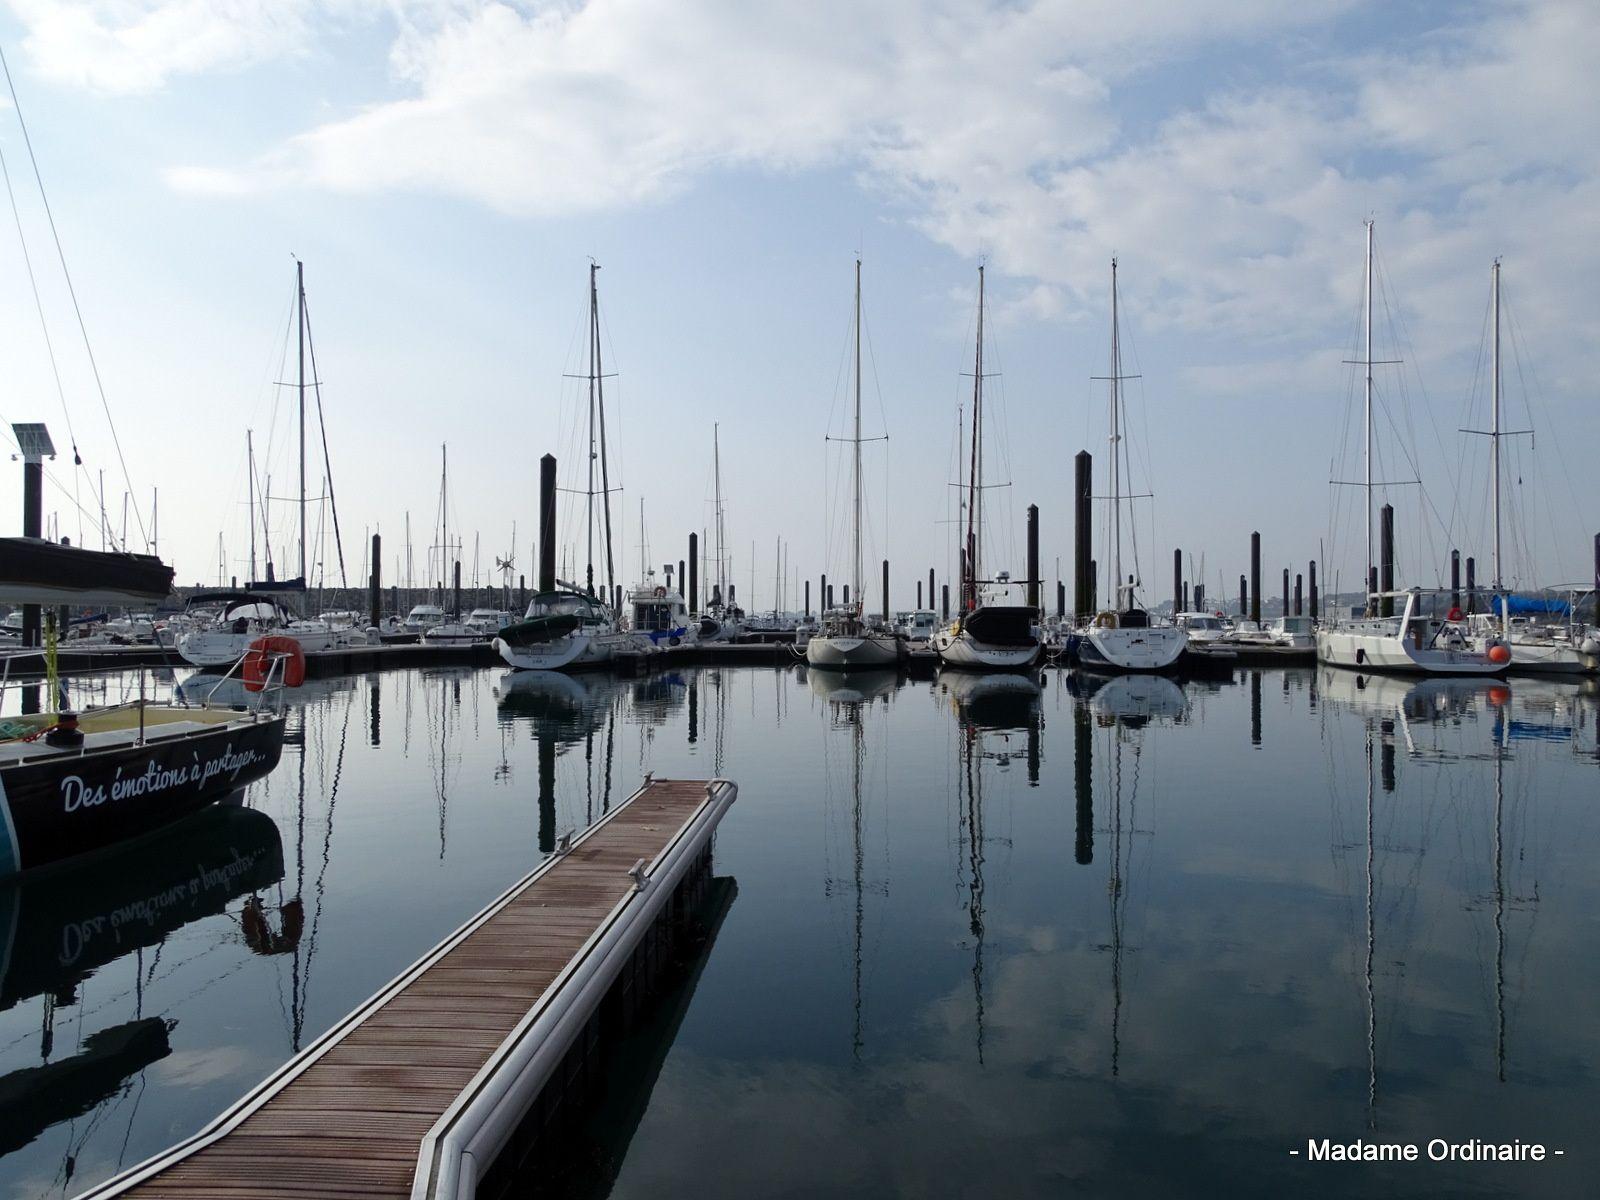 Sous le charme de la baie de Morlaix